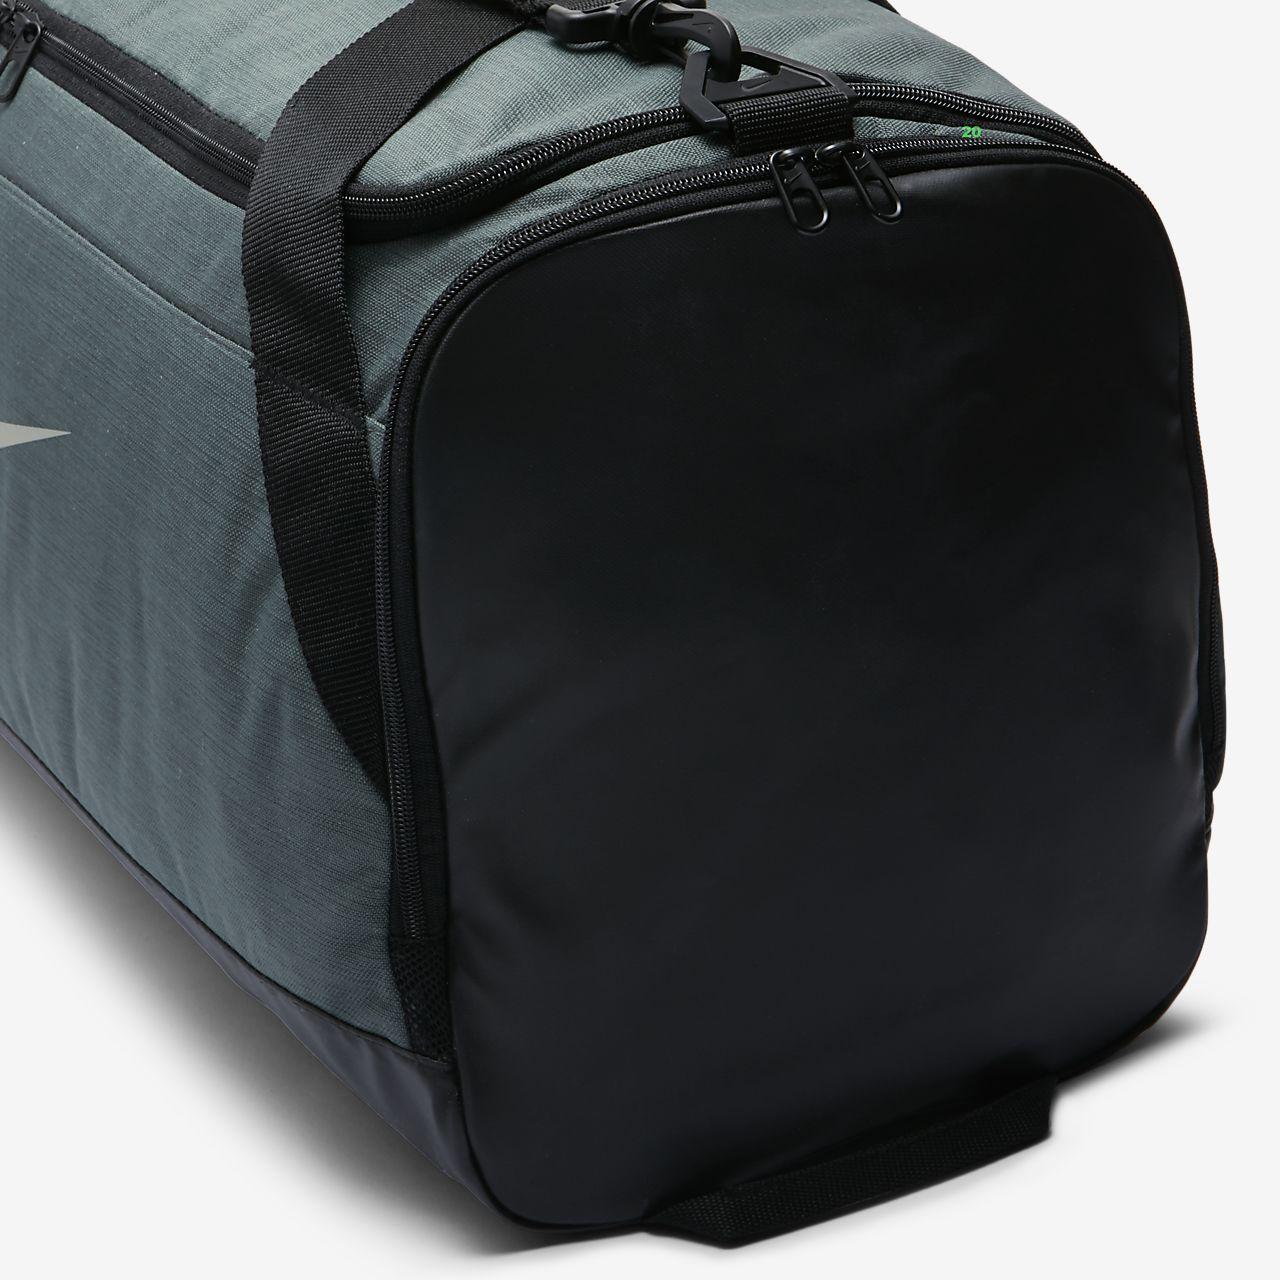 5db849de51 Nike Sportswear Brasilia (Medium) Training Duffel Bag. Nike.com AU